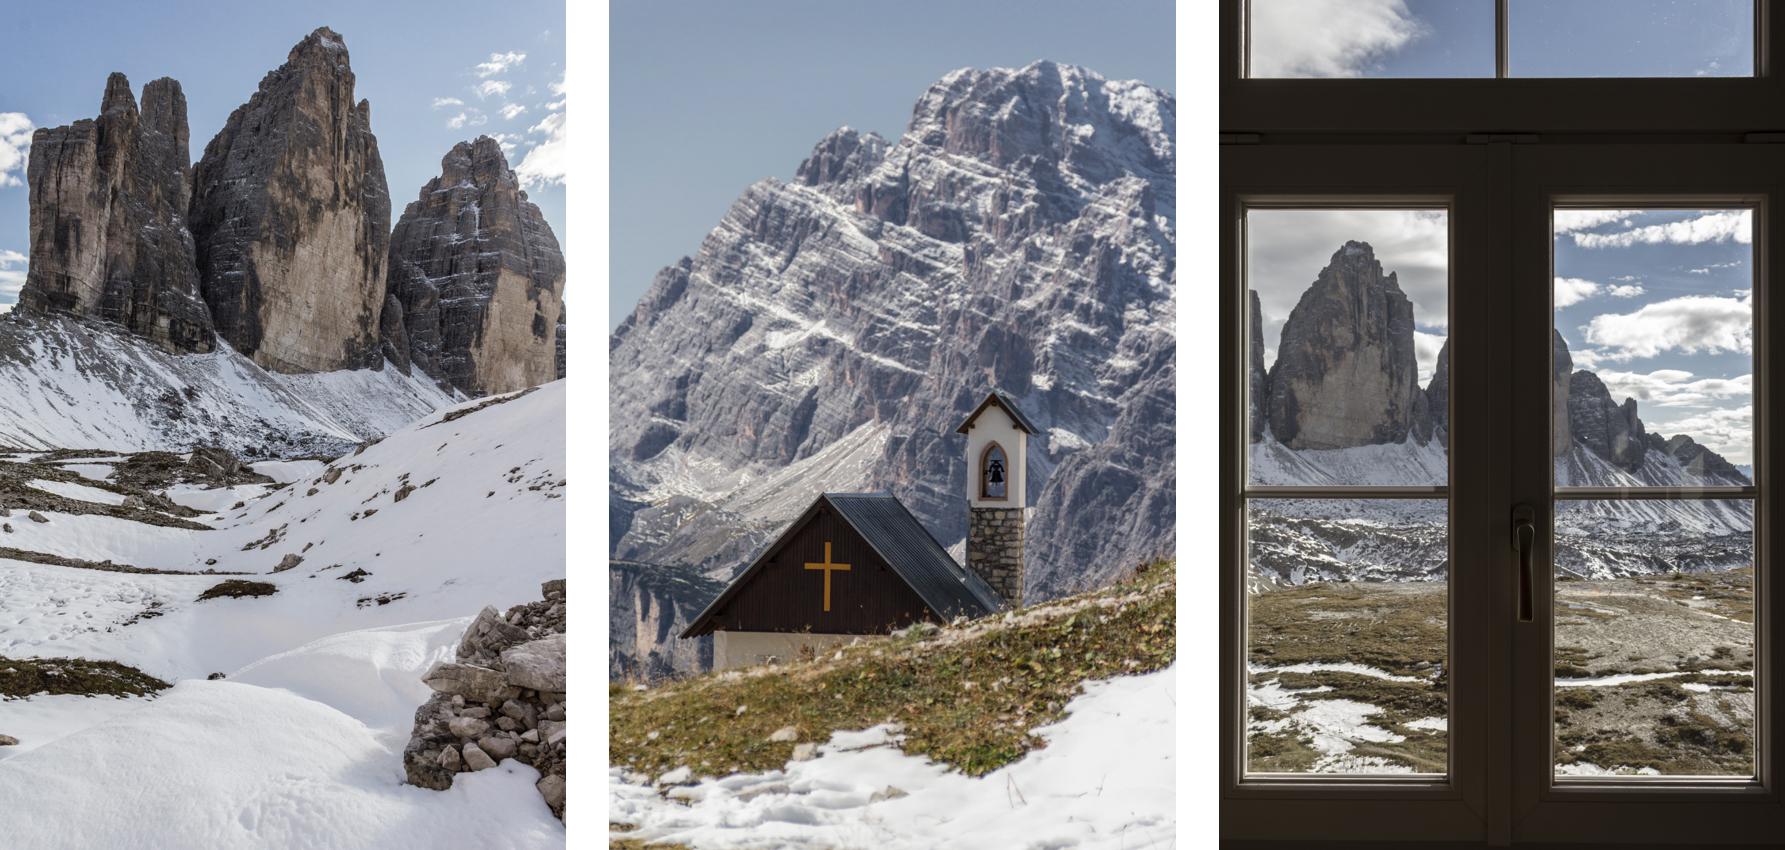 Trois points de vue différents du Parc tre Cime di Lavaredo, dans les Dolomites.